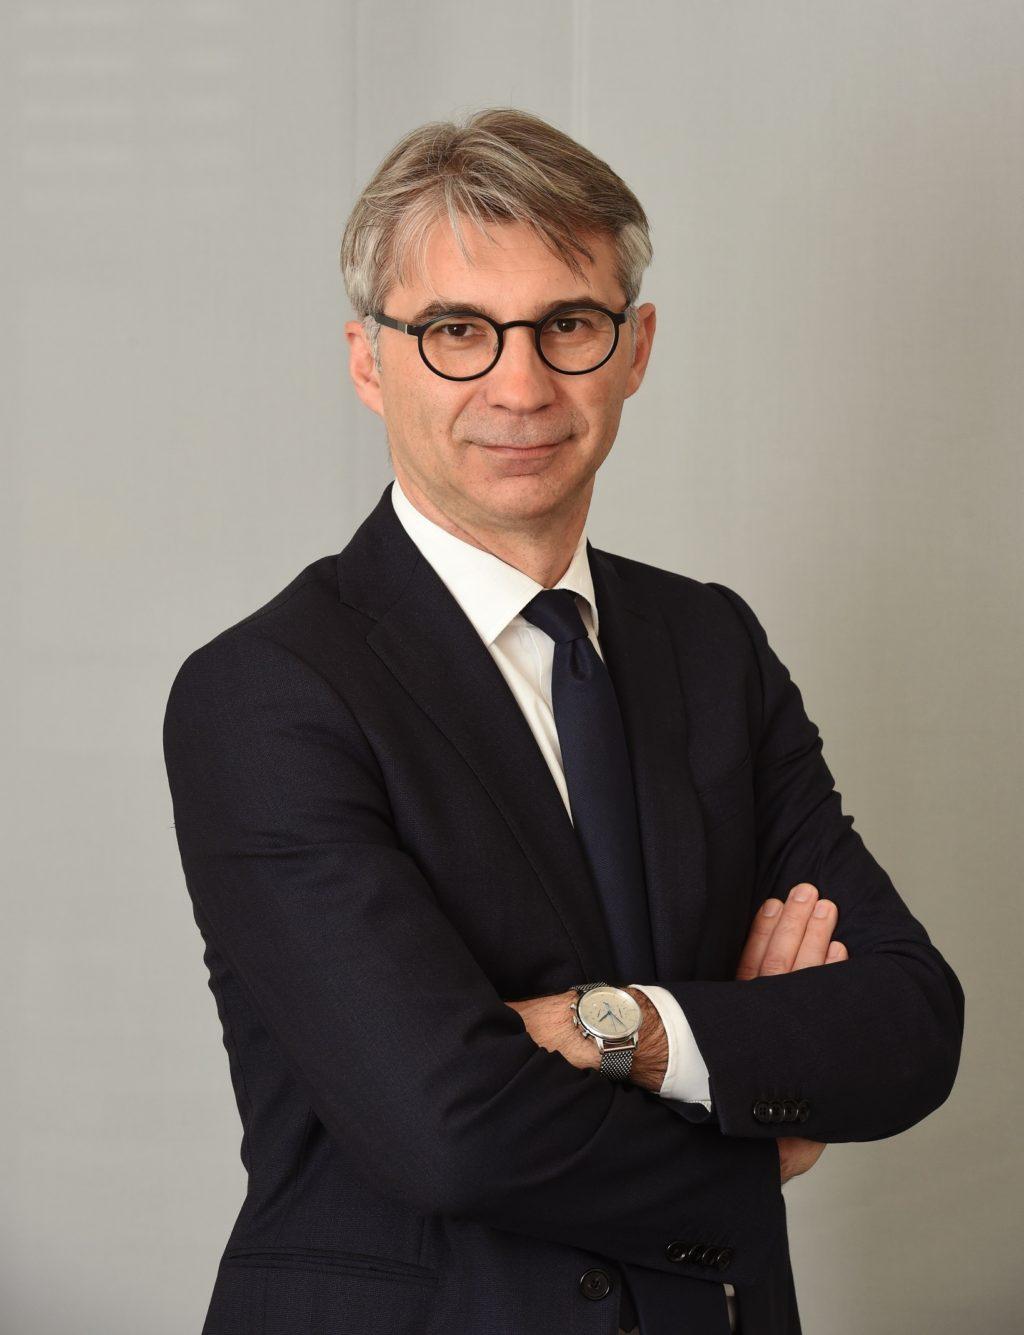 Antonio Vivenzi